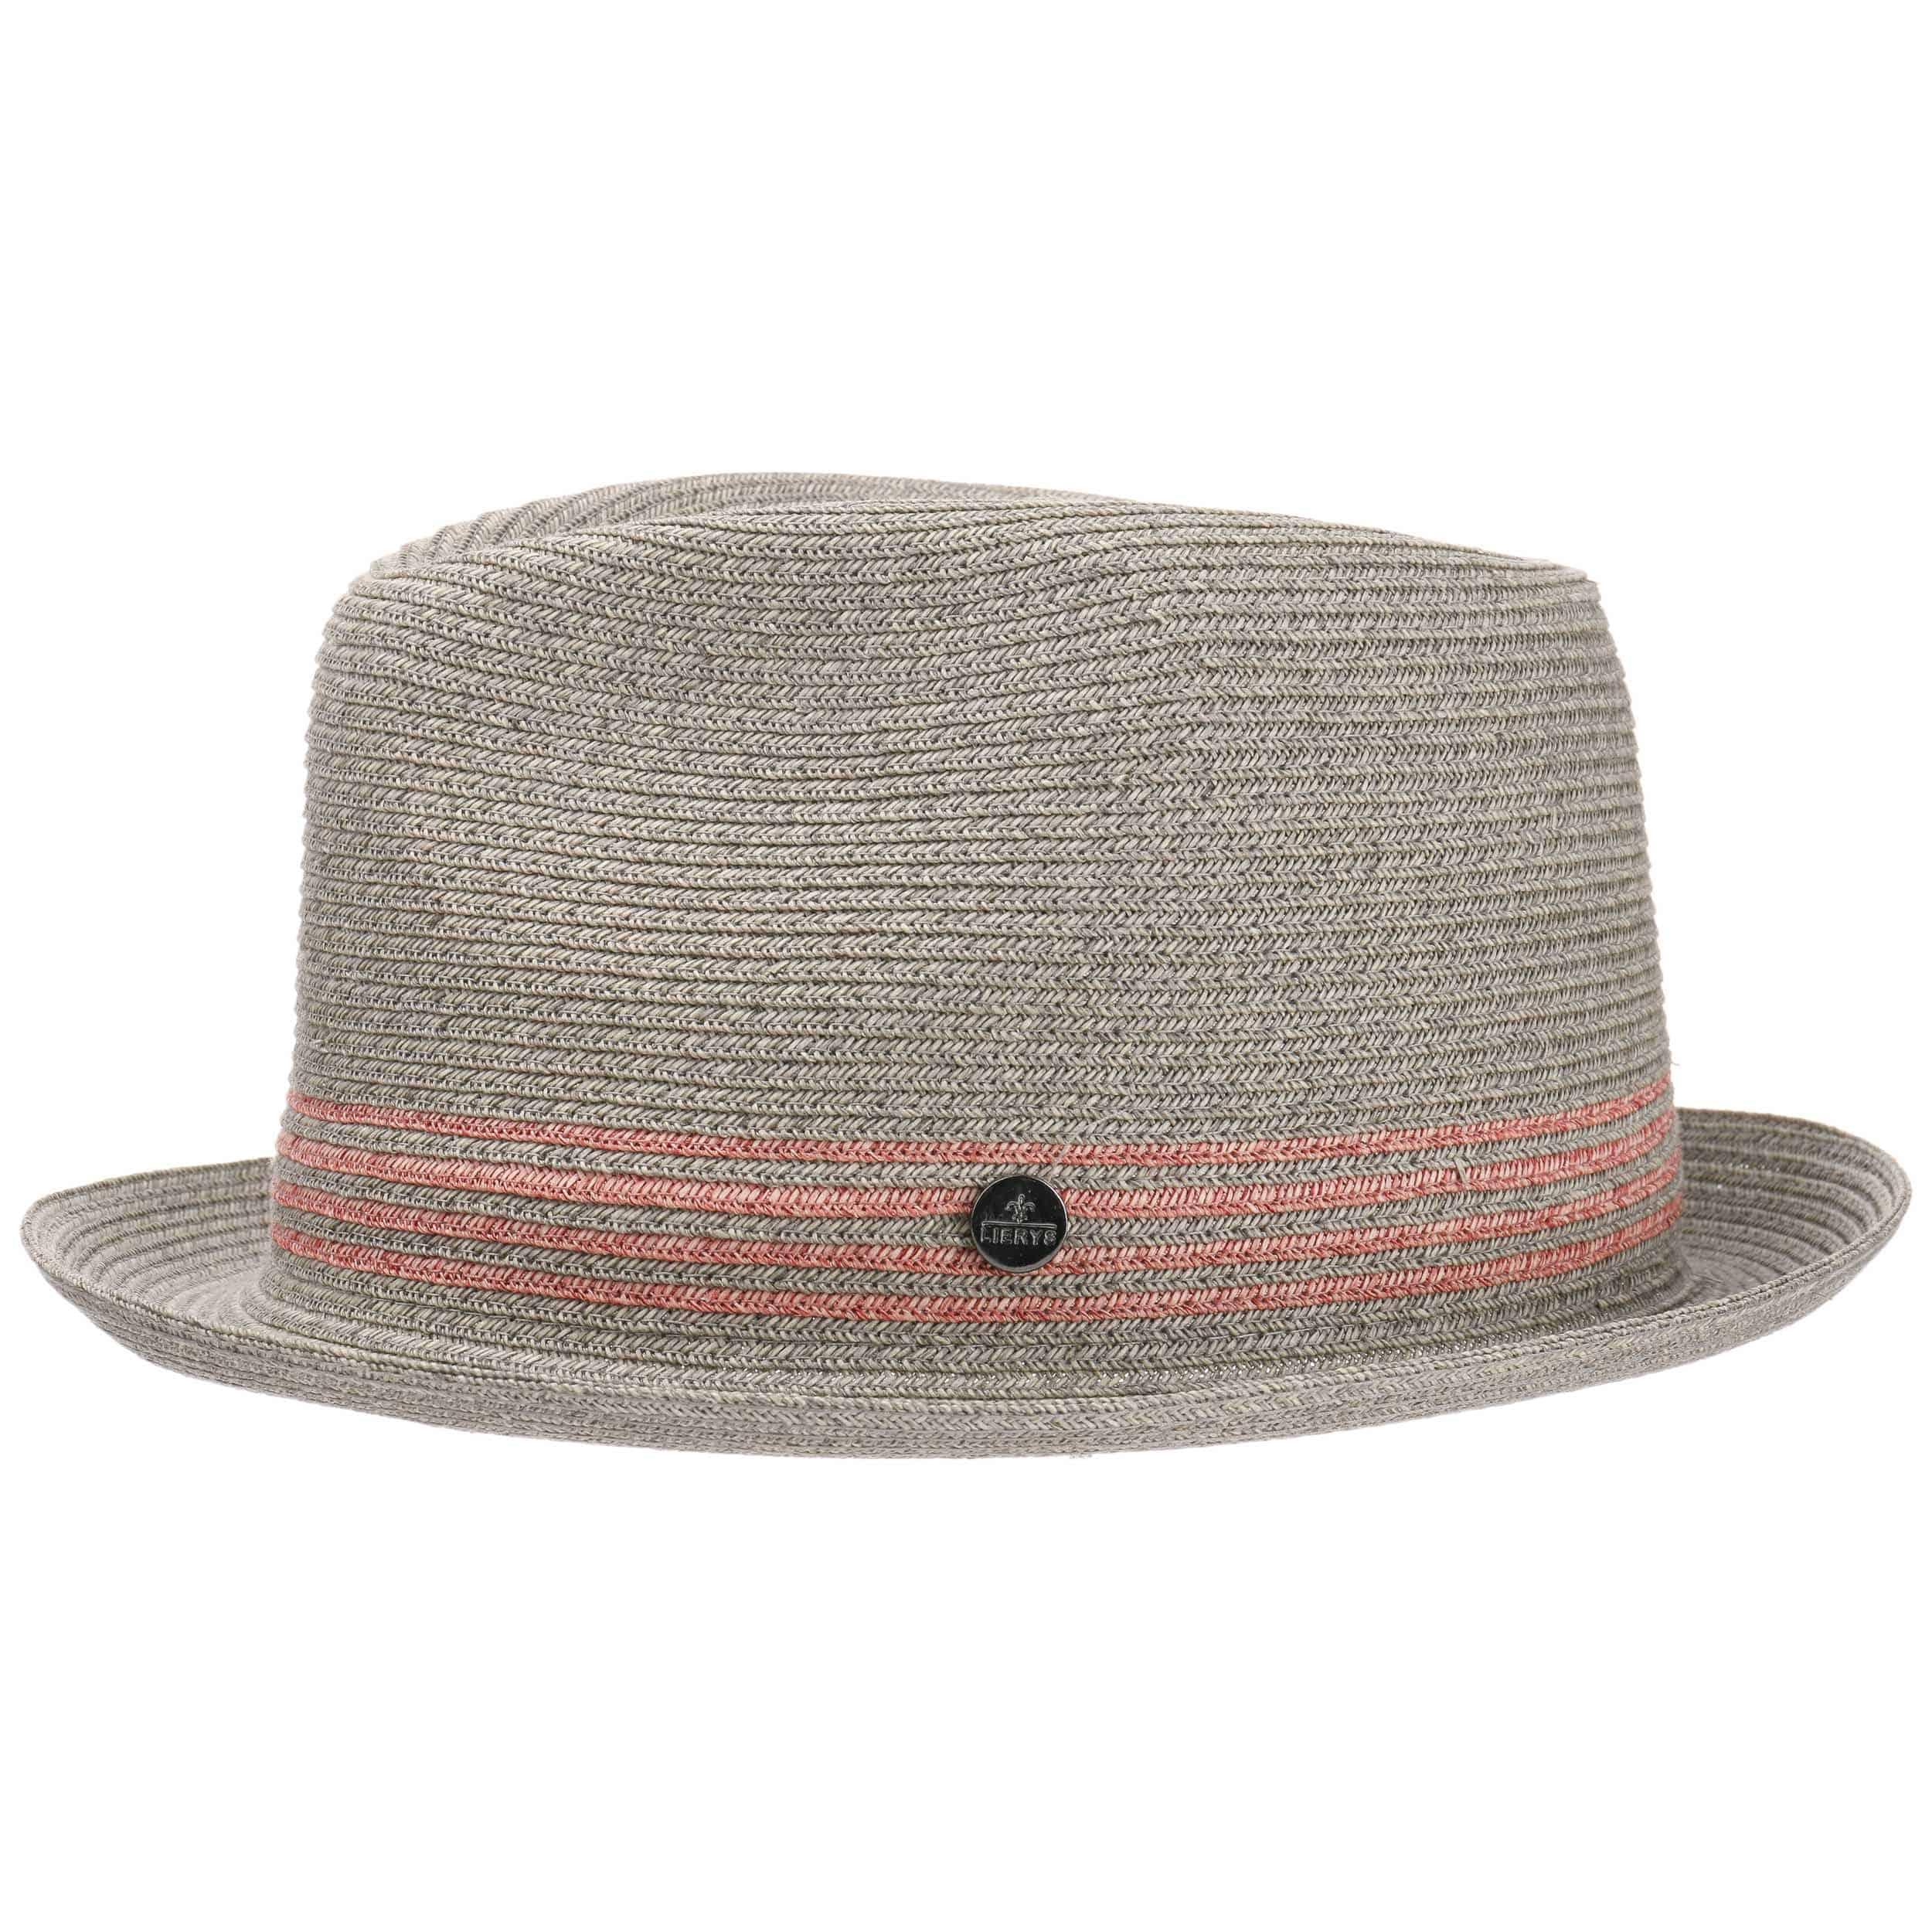 ... Cappello di Paglia Ninfa Trilby by Lierys - grigio 4 ... e12912e946a3